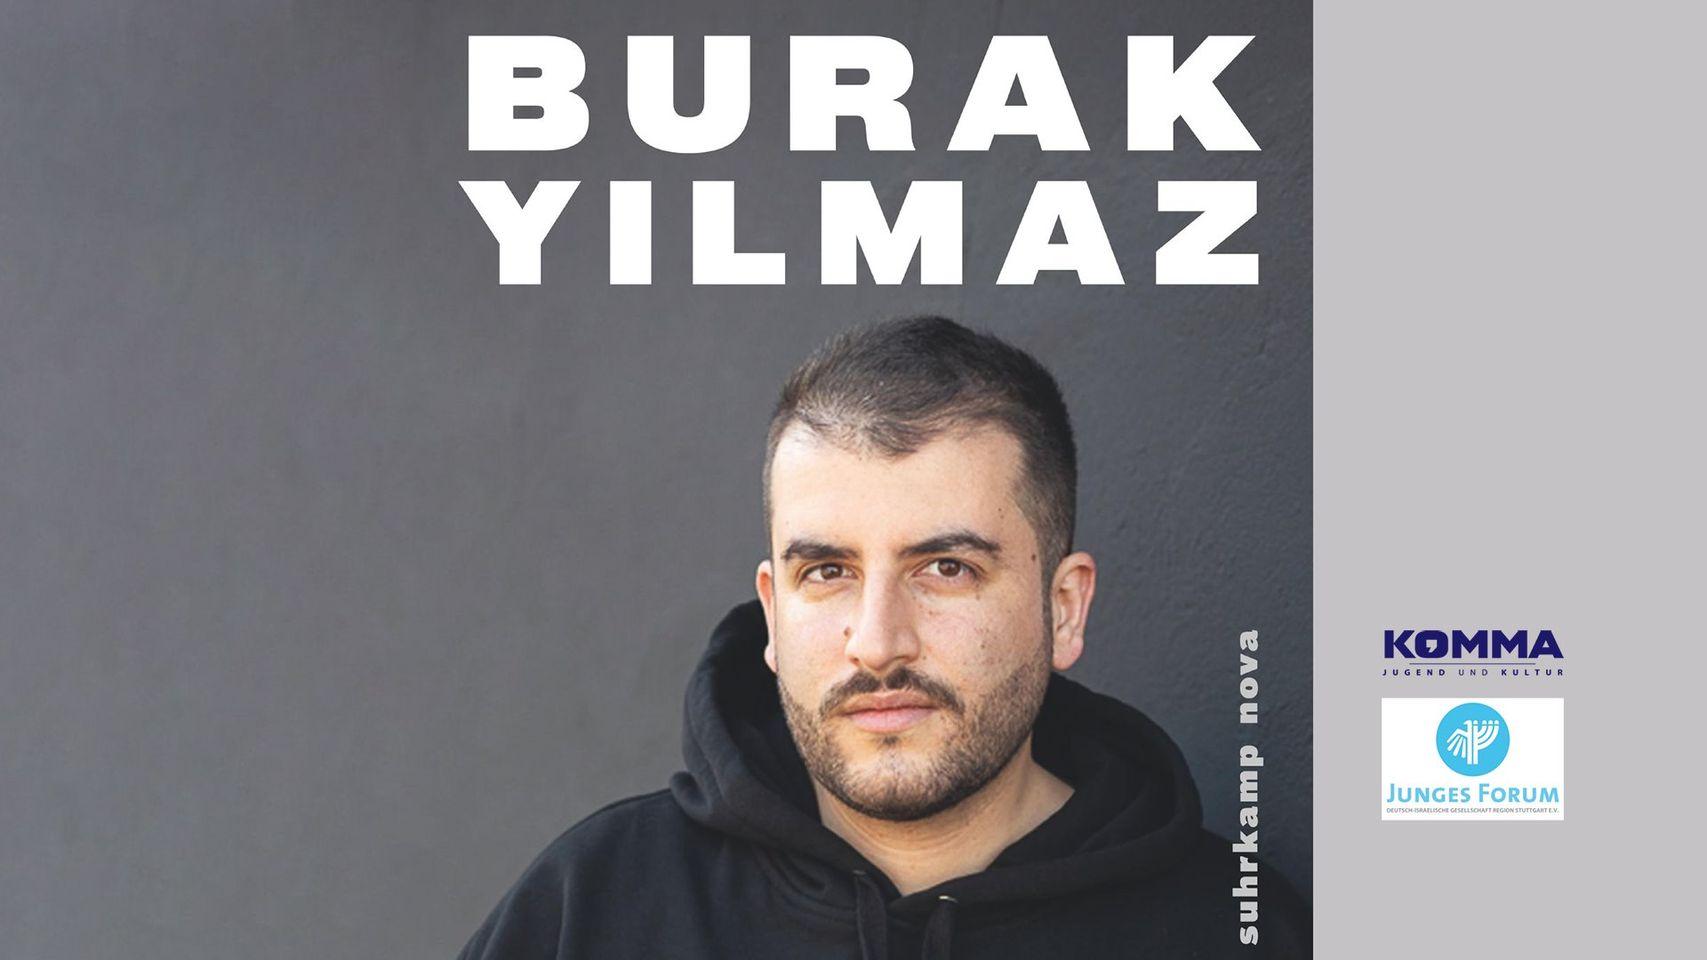 """Burak Yilmaz """"Ehrensache – Kämpfen gegen Judenhass"""" (Suhrkamp Verlag)"""